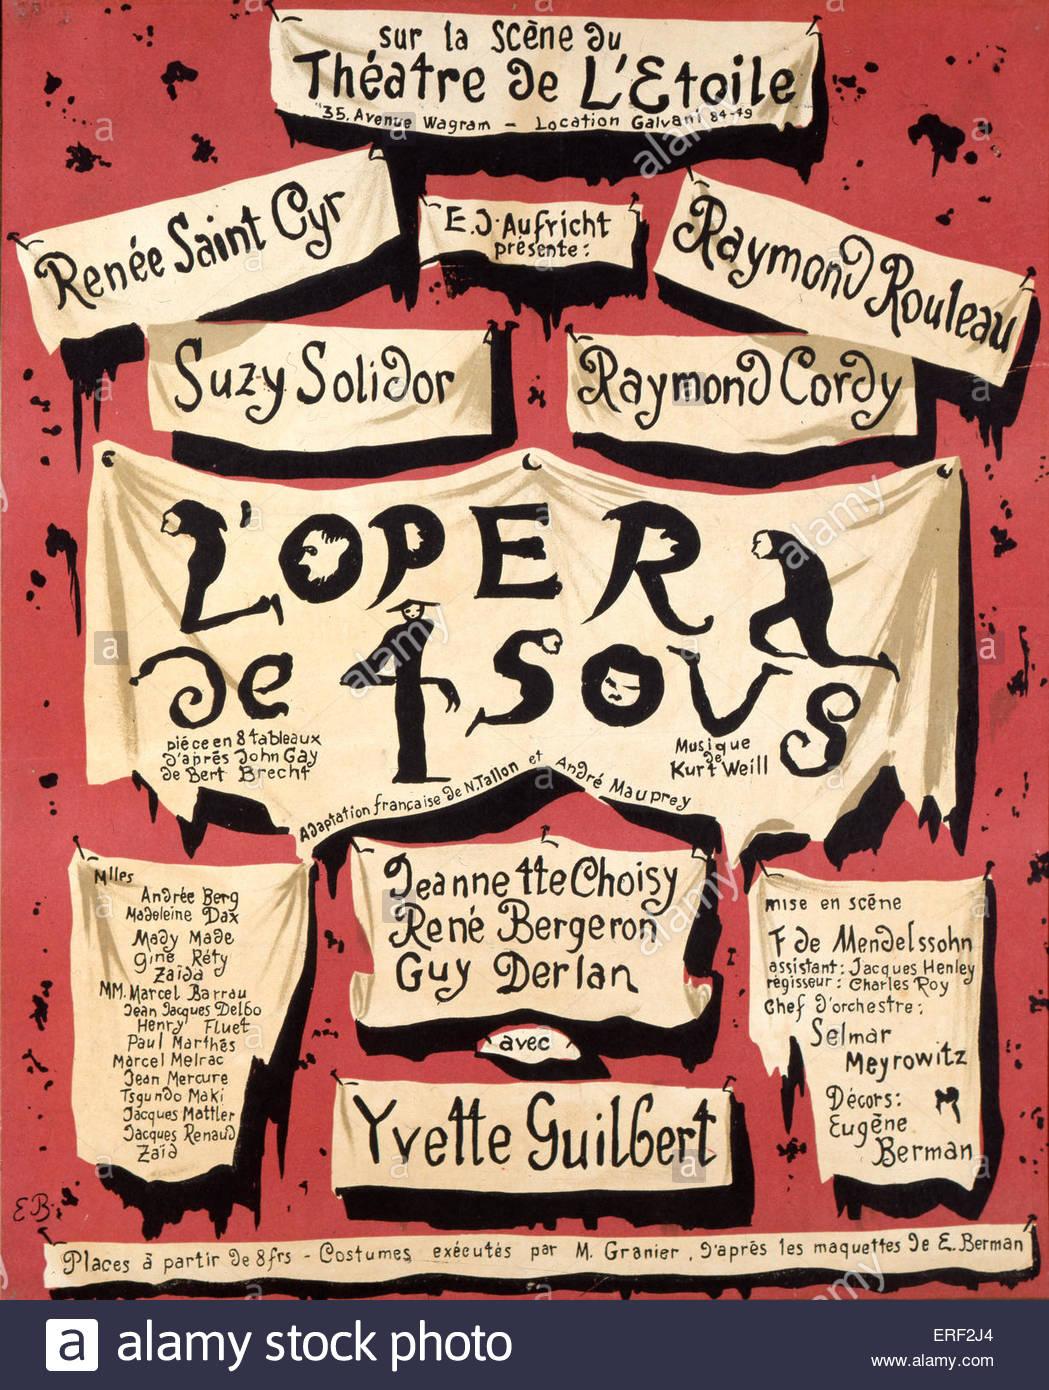 L'Opéra de 4 sous - da Kurt Weill. Poster. Eseguita al Théatre de l'Etoile, Paris, Francia. Interpretato Immagini Stock